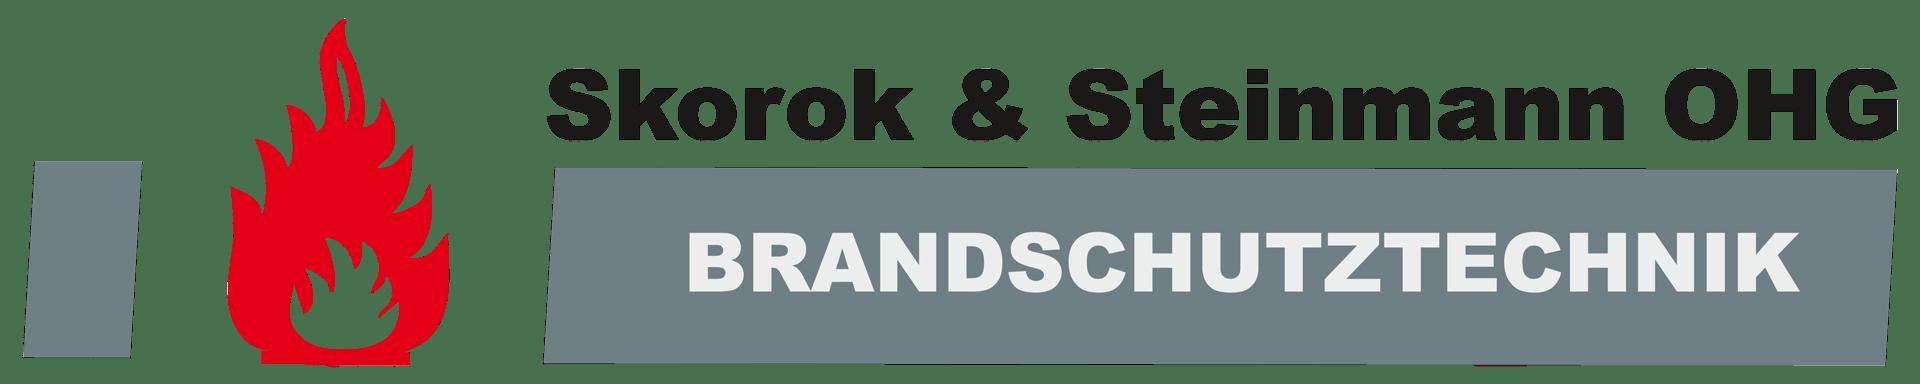 skorok-und-steinmann-logo-1920x384